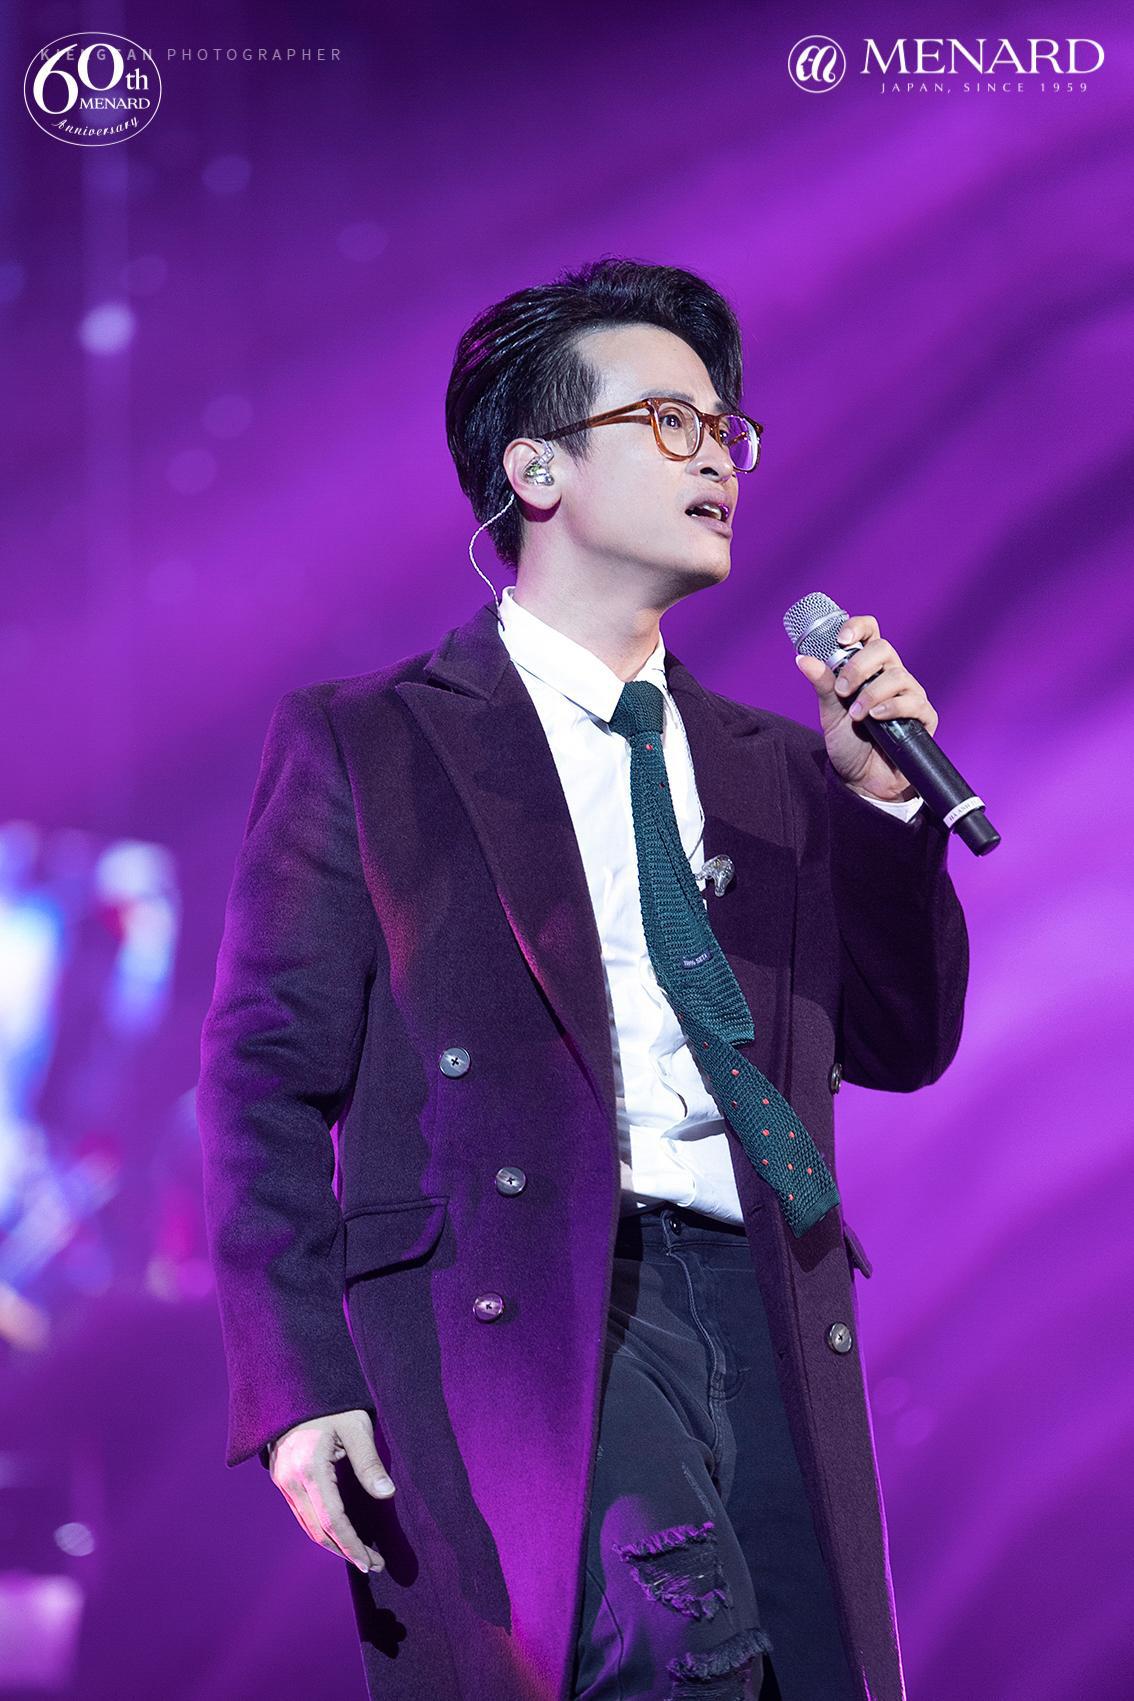 """Hà Anh Tuấn: """"Chàng hoàng tử"""" mang âm nhạc làm nguồn sinh khí nuôi dưỡng trái tim - Ảnh 4."""